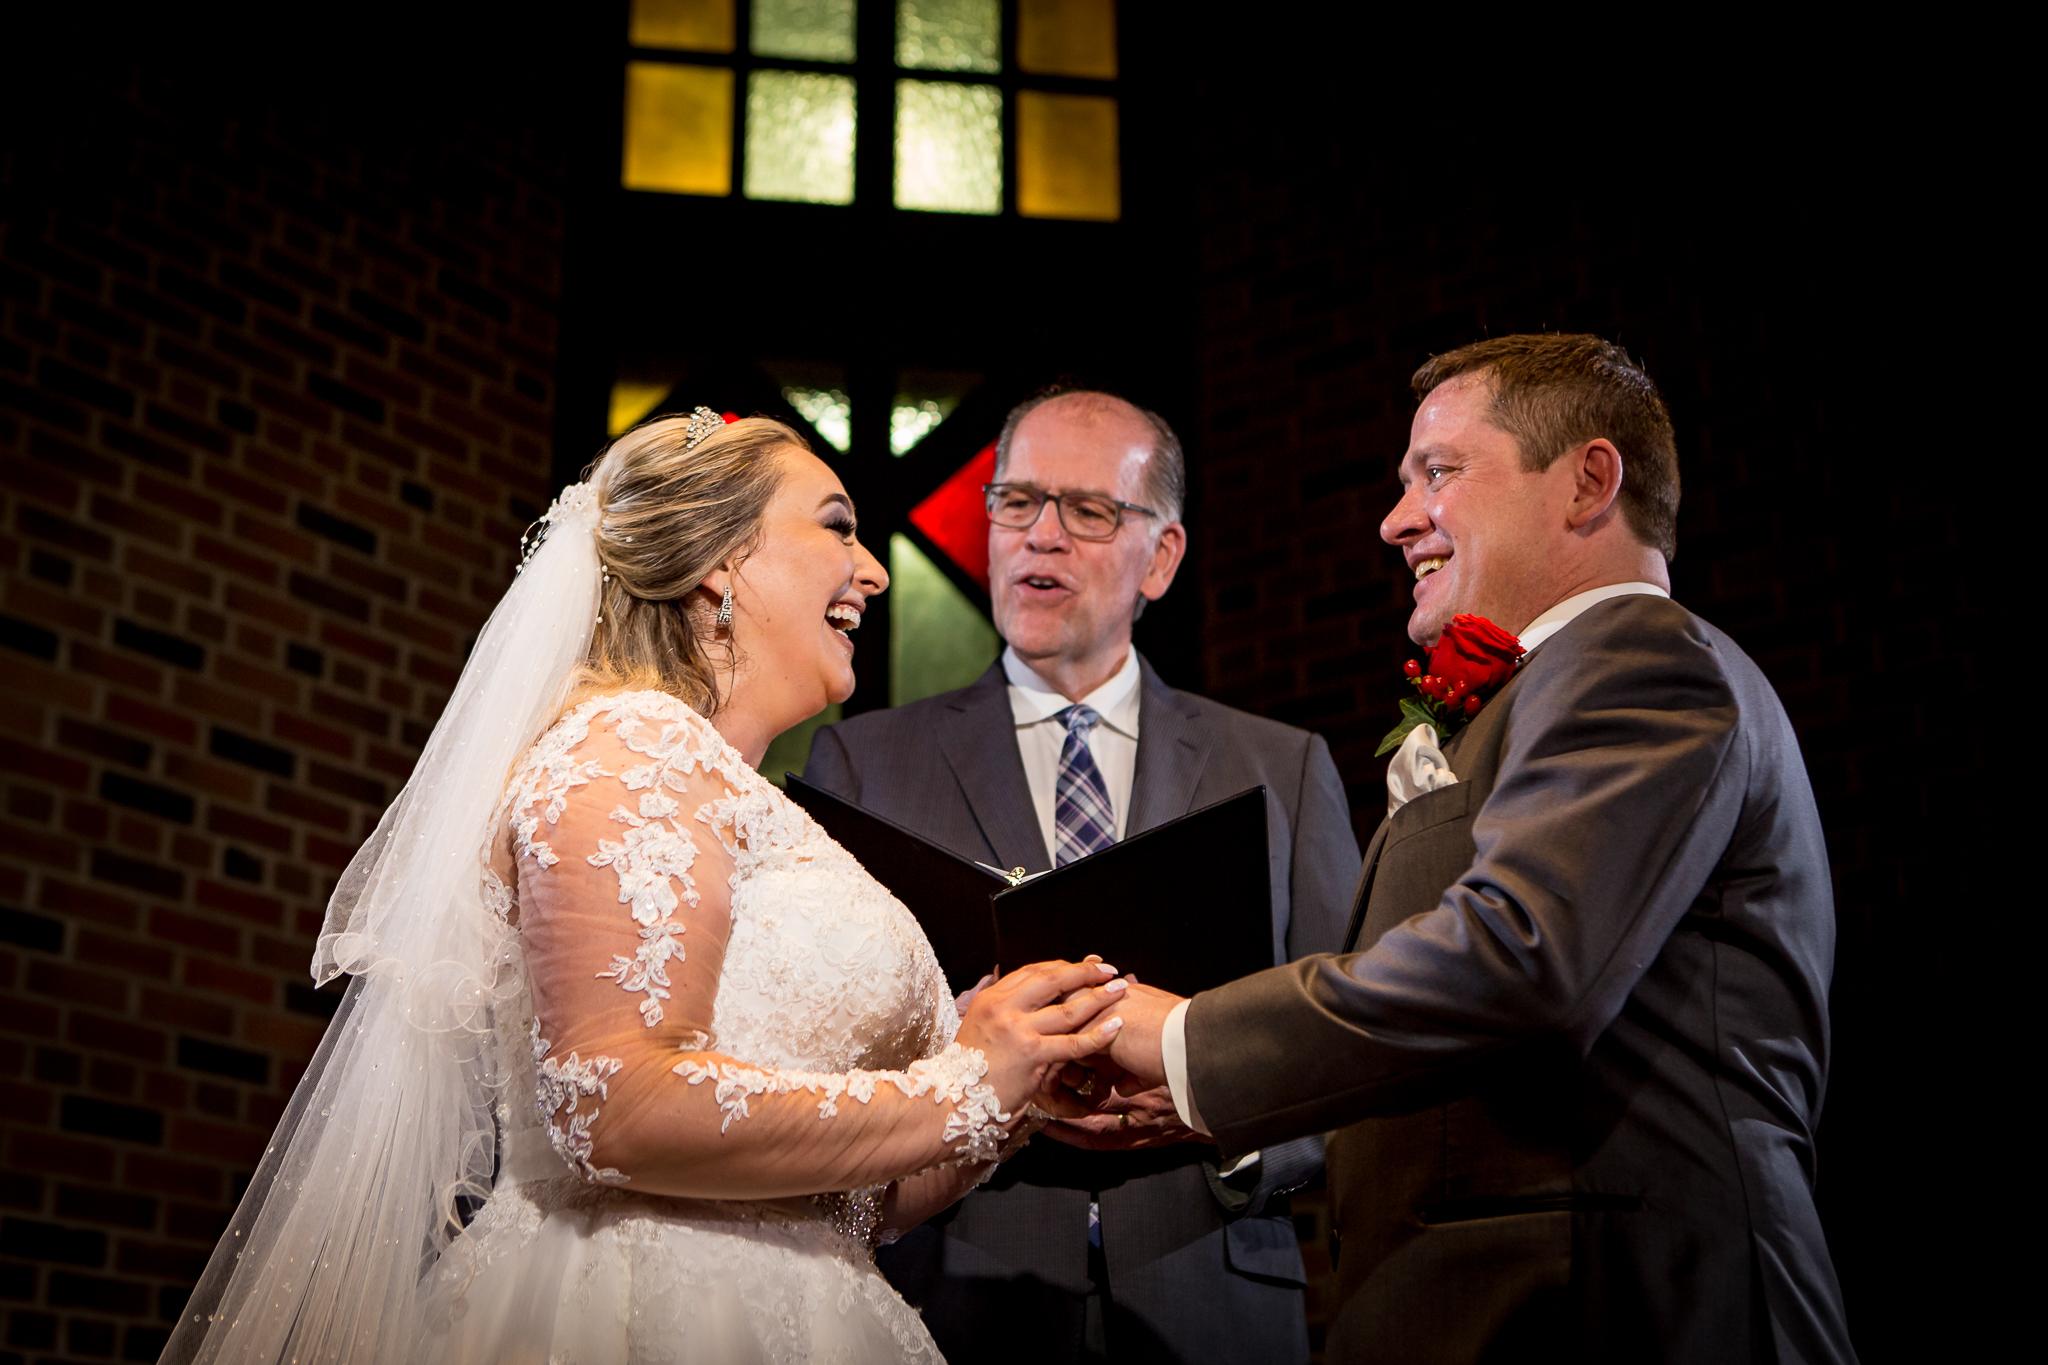 old-mill-wedding-photos-16-2.jpg